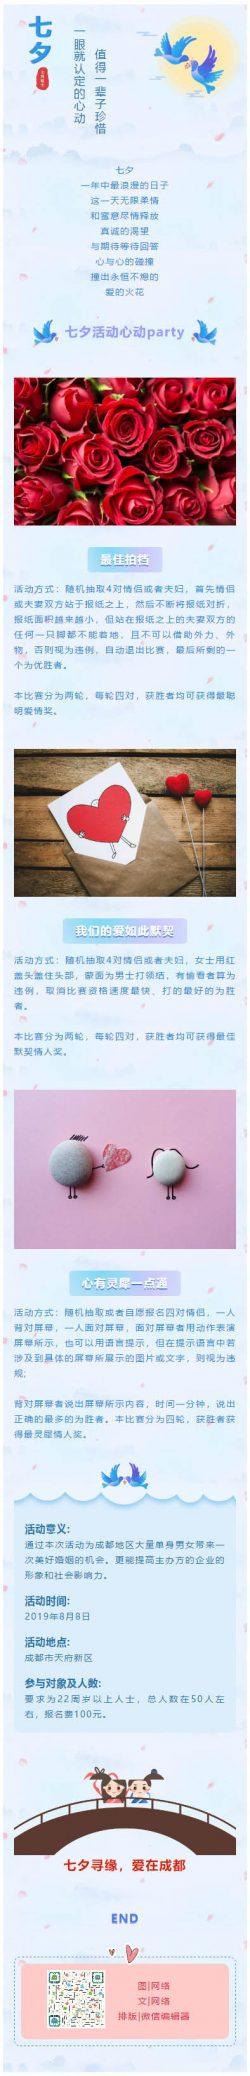 七夕情人节活动party微信公众号图文模板推送文章素材推文